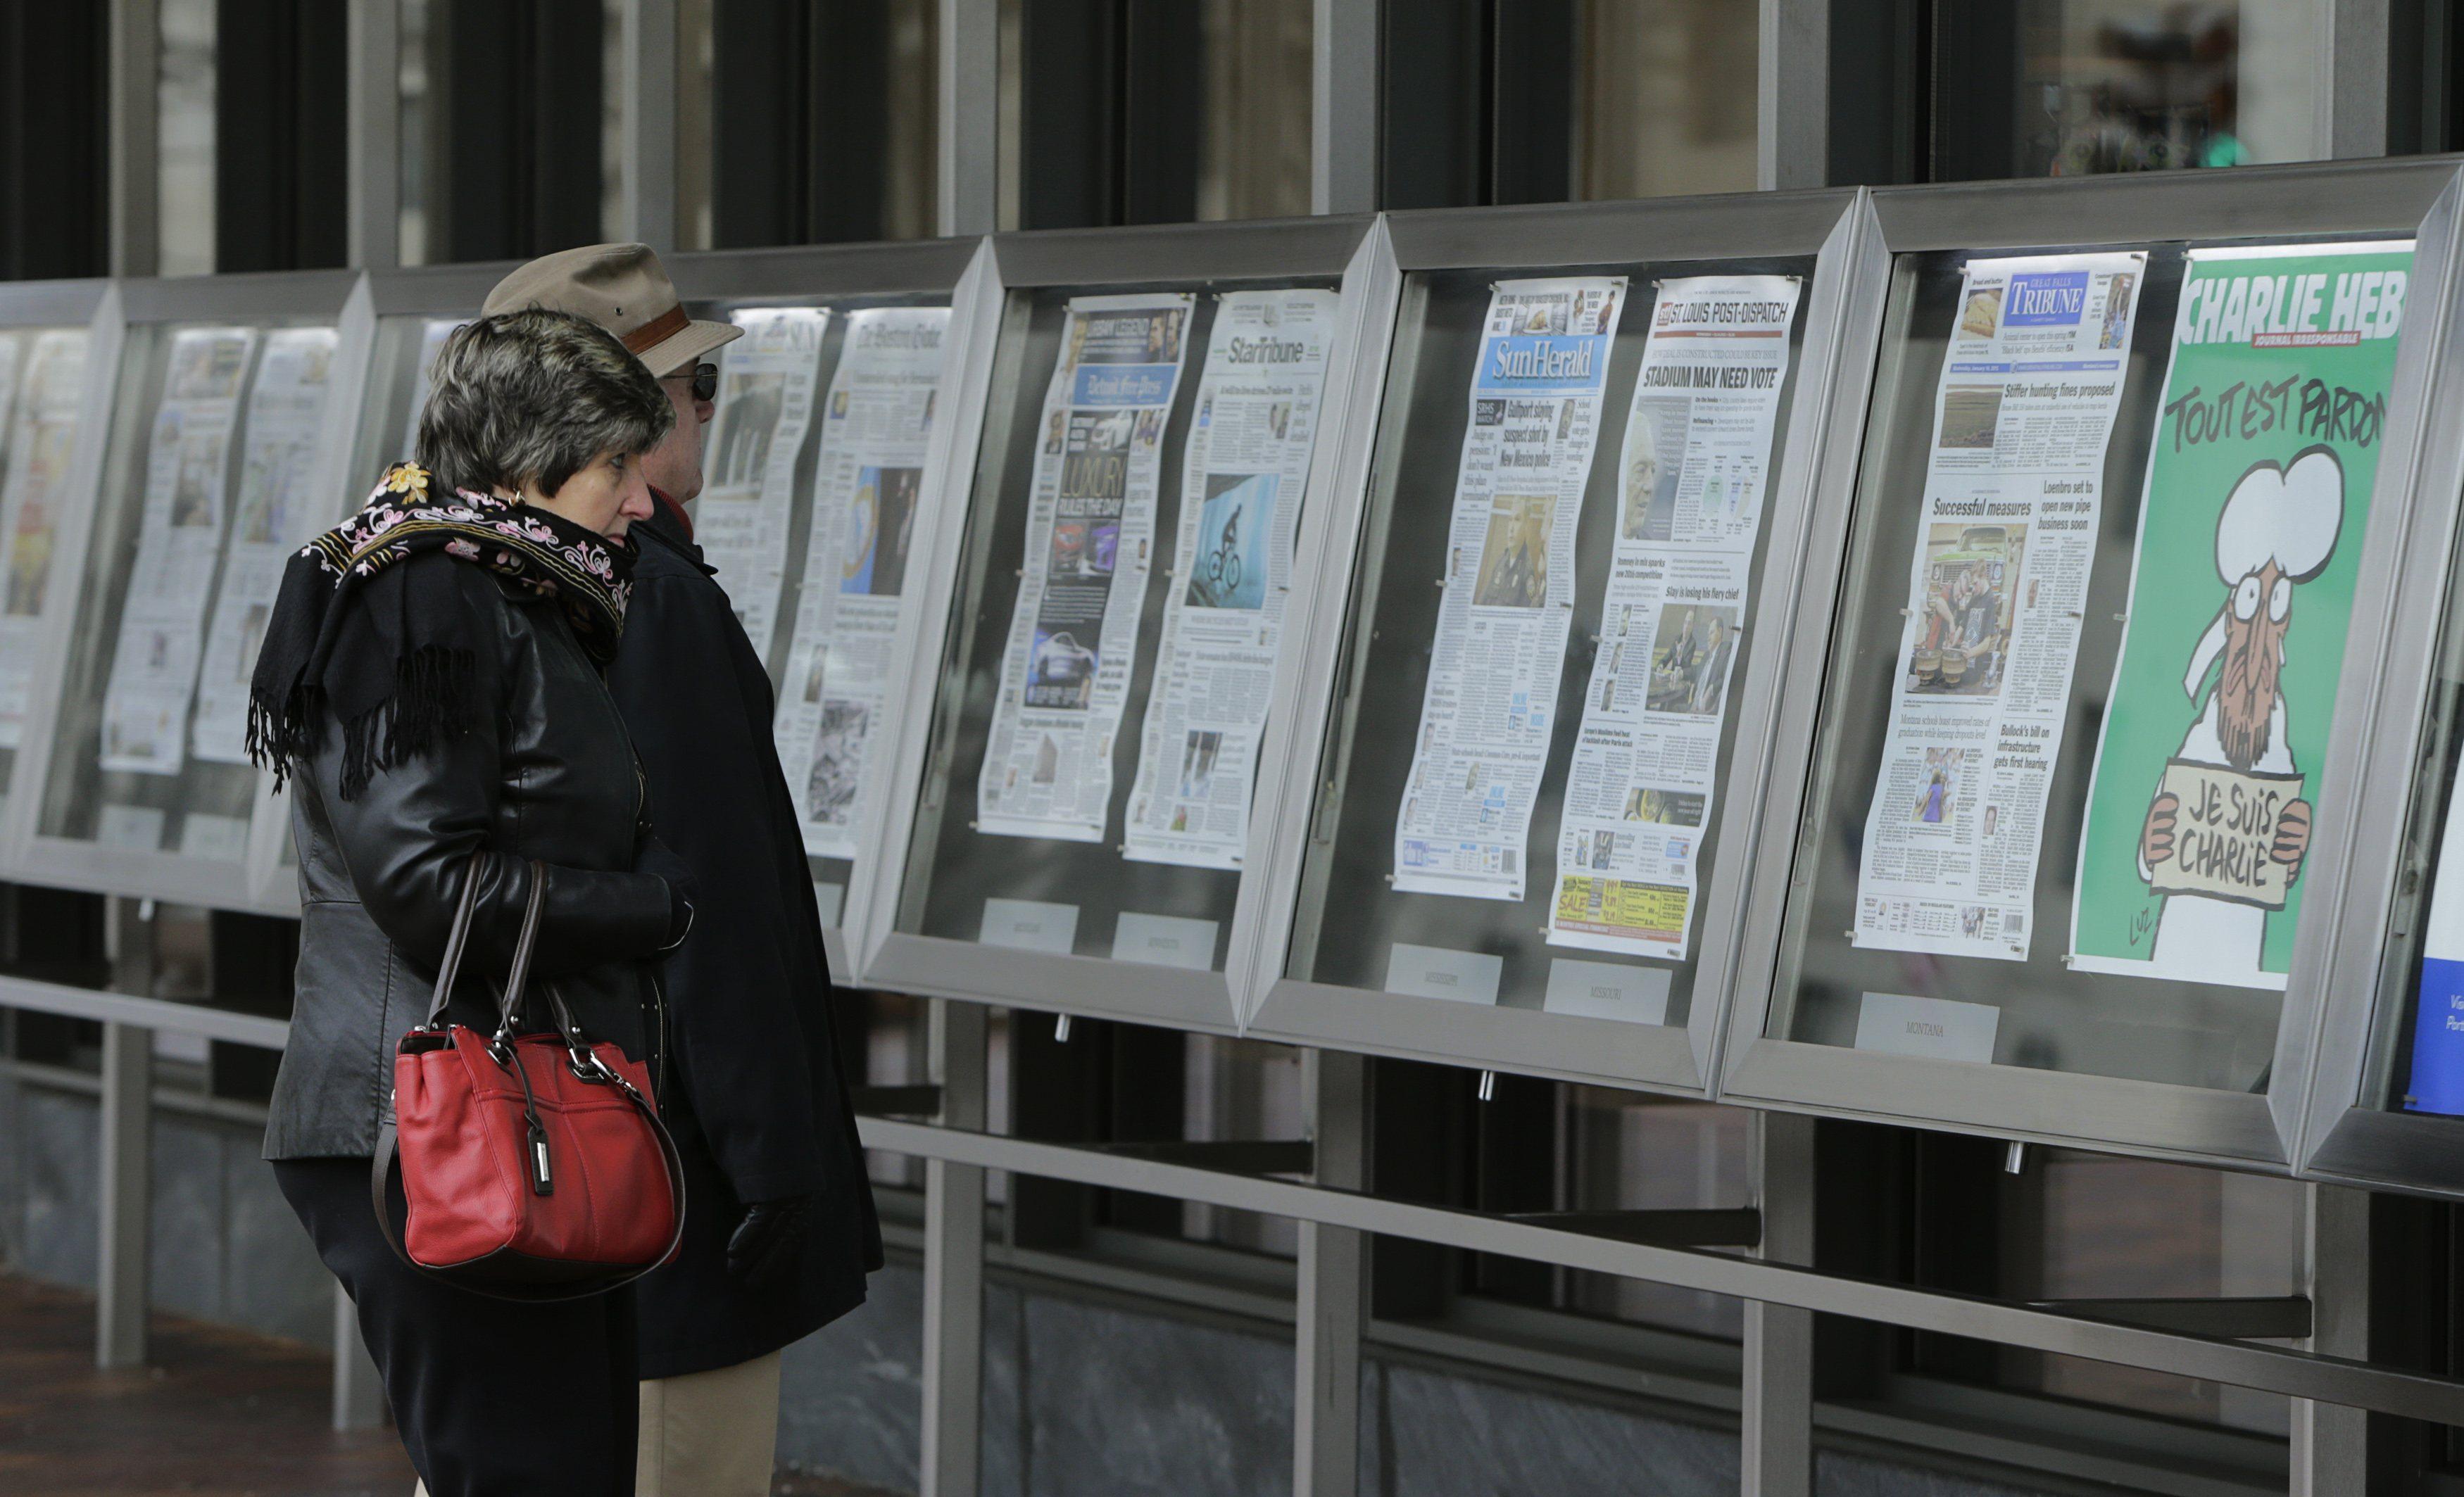 Primera edición de Charlie Hebdo tras ataque se agota en minutos